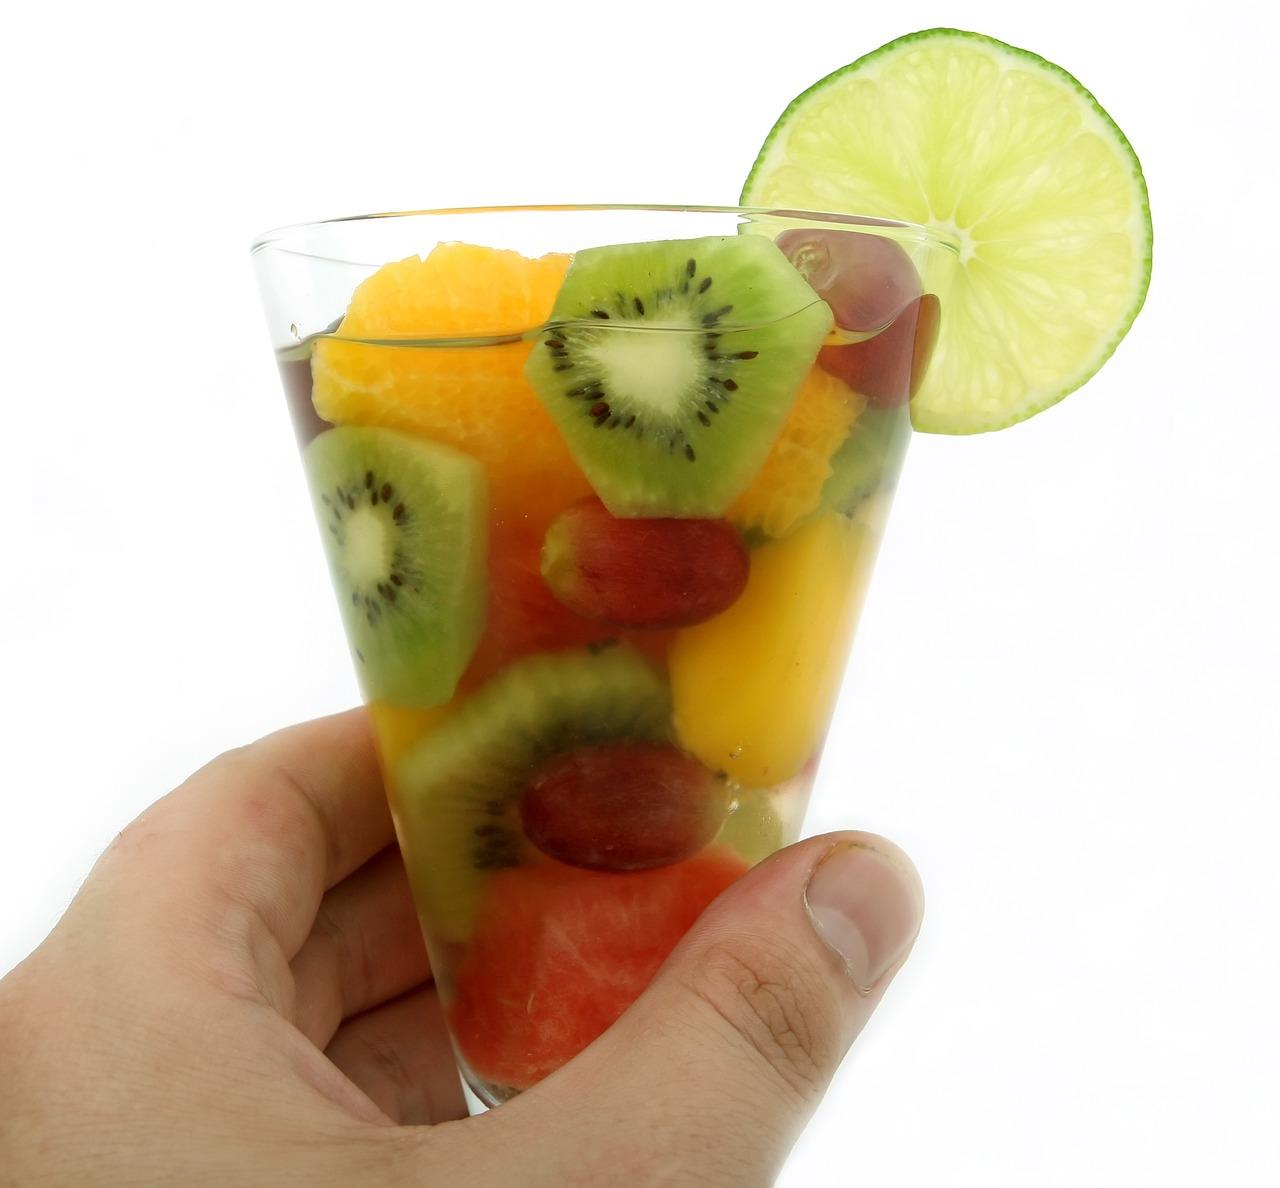 Bicchiere di acqua con frutta fresca tra cui kiwi, arancia, anguria e limone.